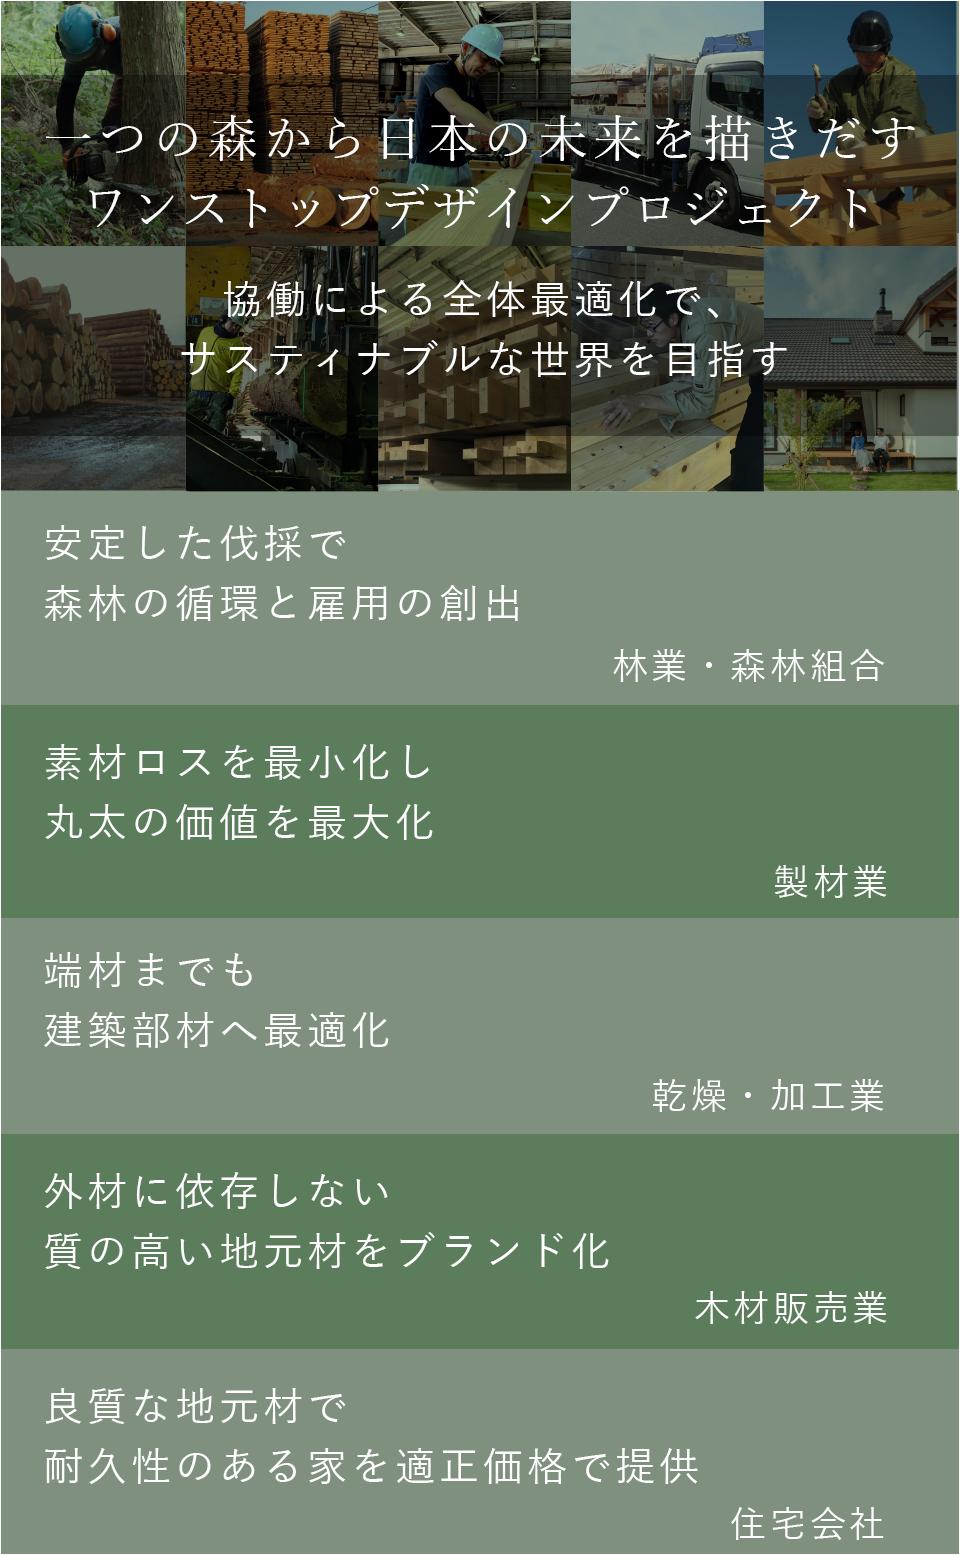 1つの森から日本の未来を描き出すワンストップデザインプロジェクト